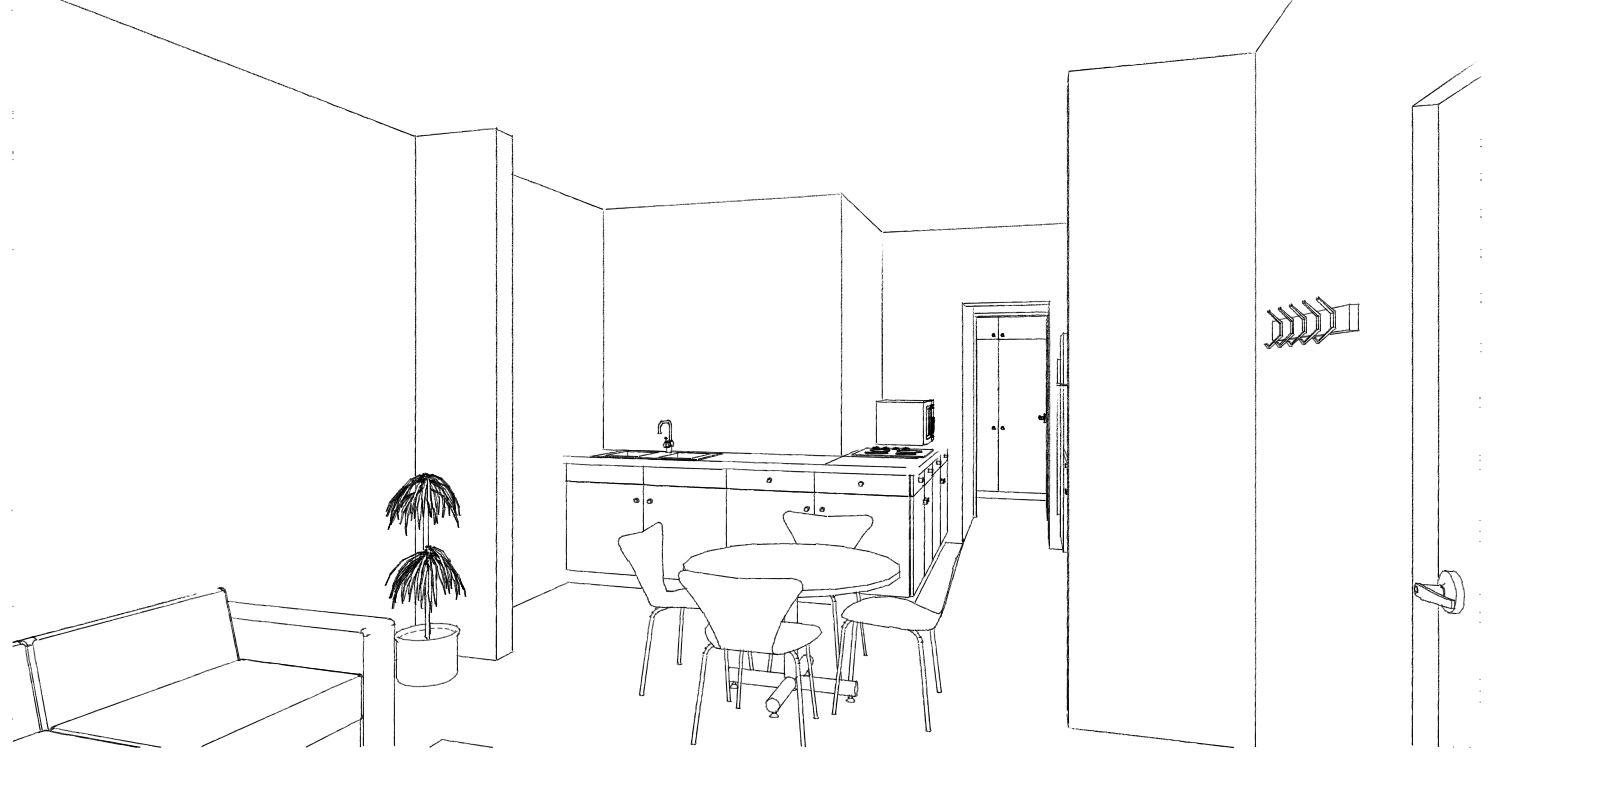 16.03 Atelier permis de construire nord maison La Chapelle d'Armentières4